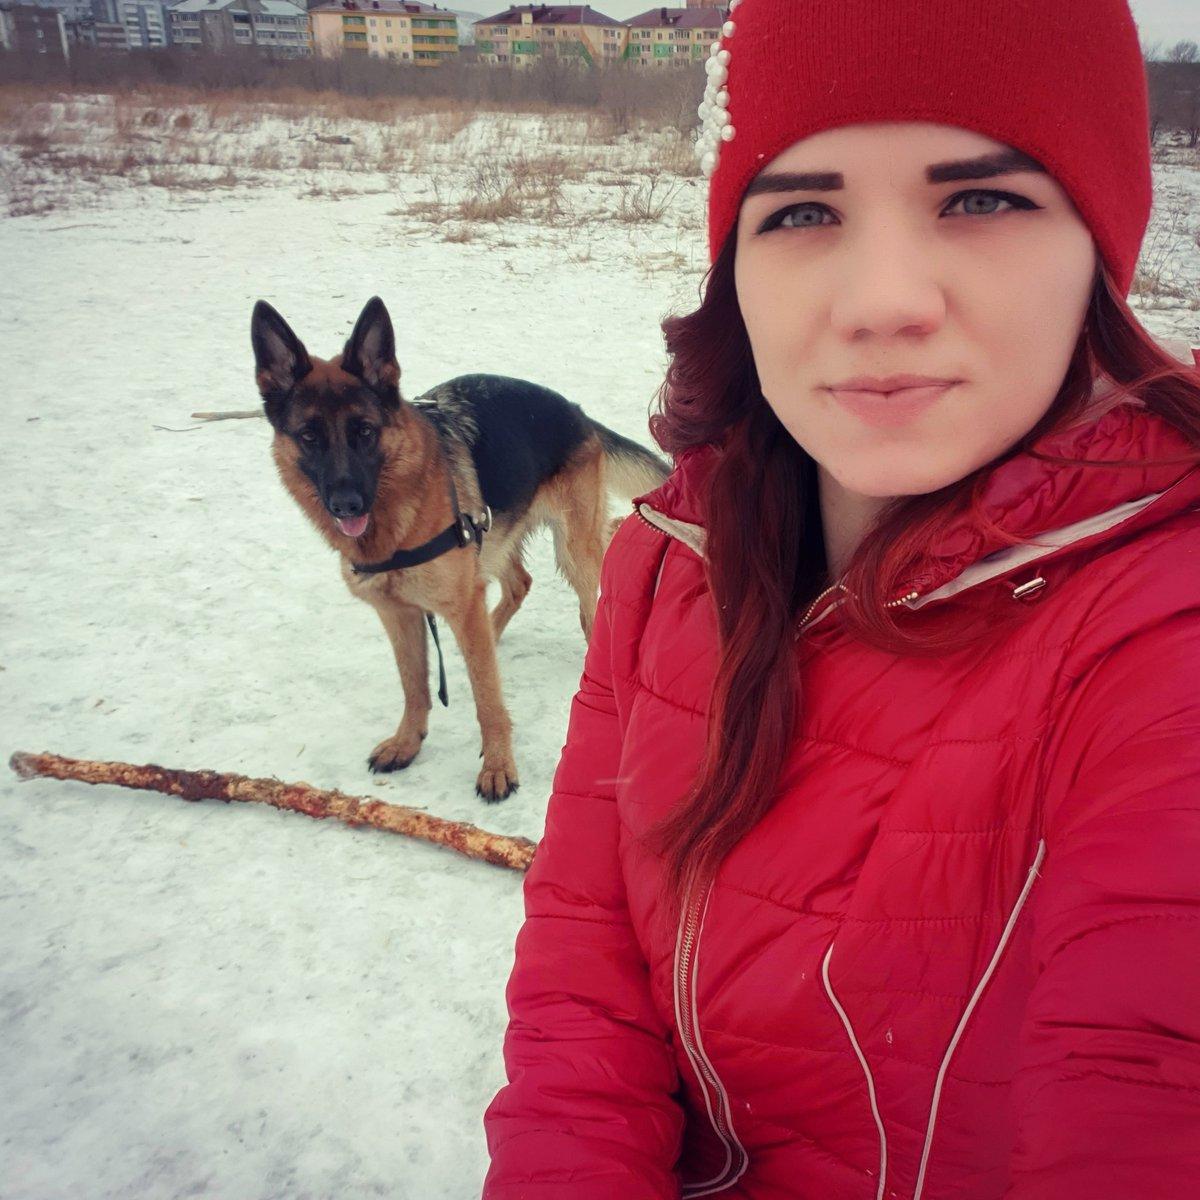 Если вы дорожите отношениями с собакой, то не стоит её игнорировать и надолго оставлять одну. А то ещё привыкнет и посчитает, что без вас ей гораздо лучше... #немецкаяовчарка #собачник #love #следуйзамечтой  #собачникипоймут  #немецкаяовчаркалучшаясобаканасвете #likes #моймалыш